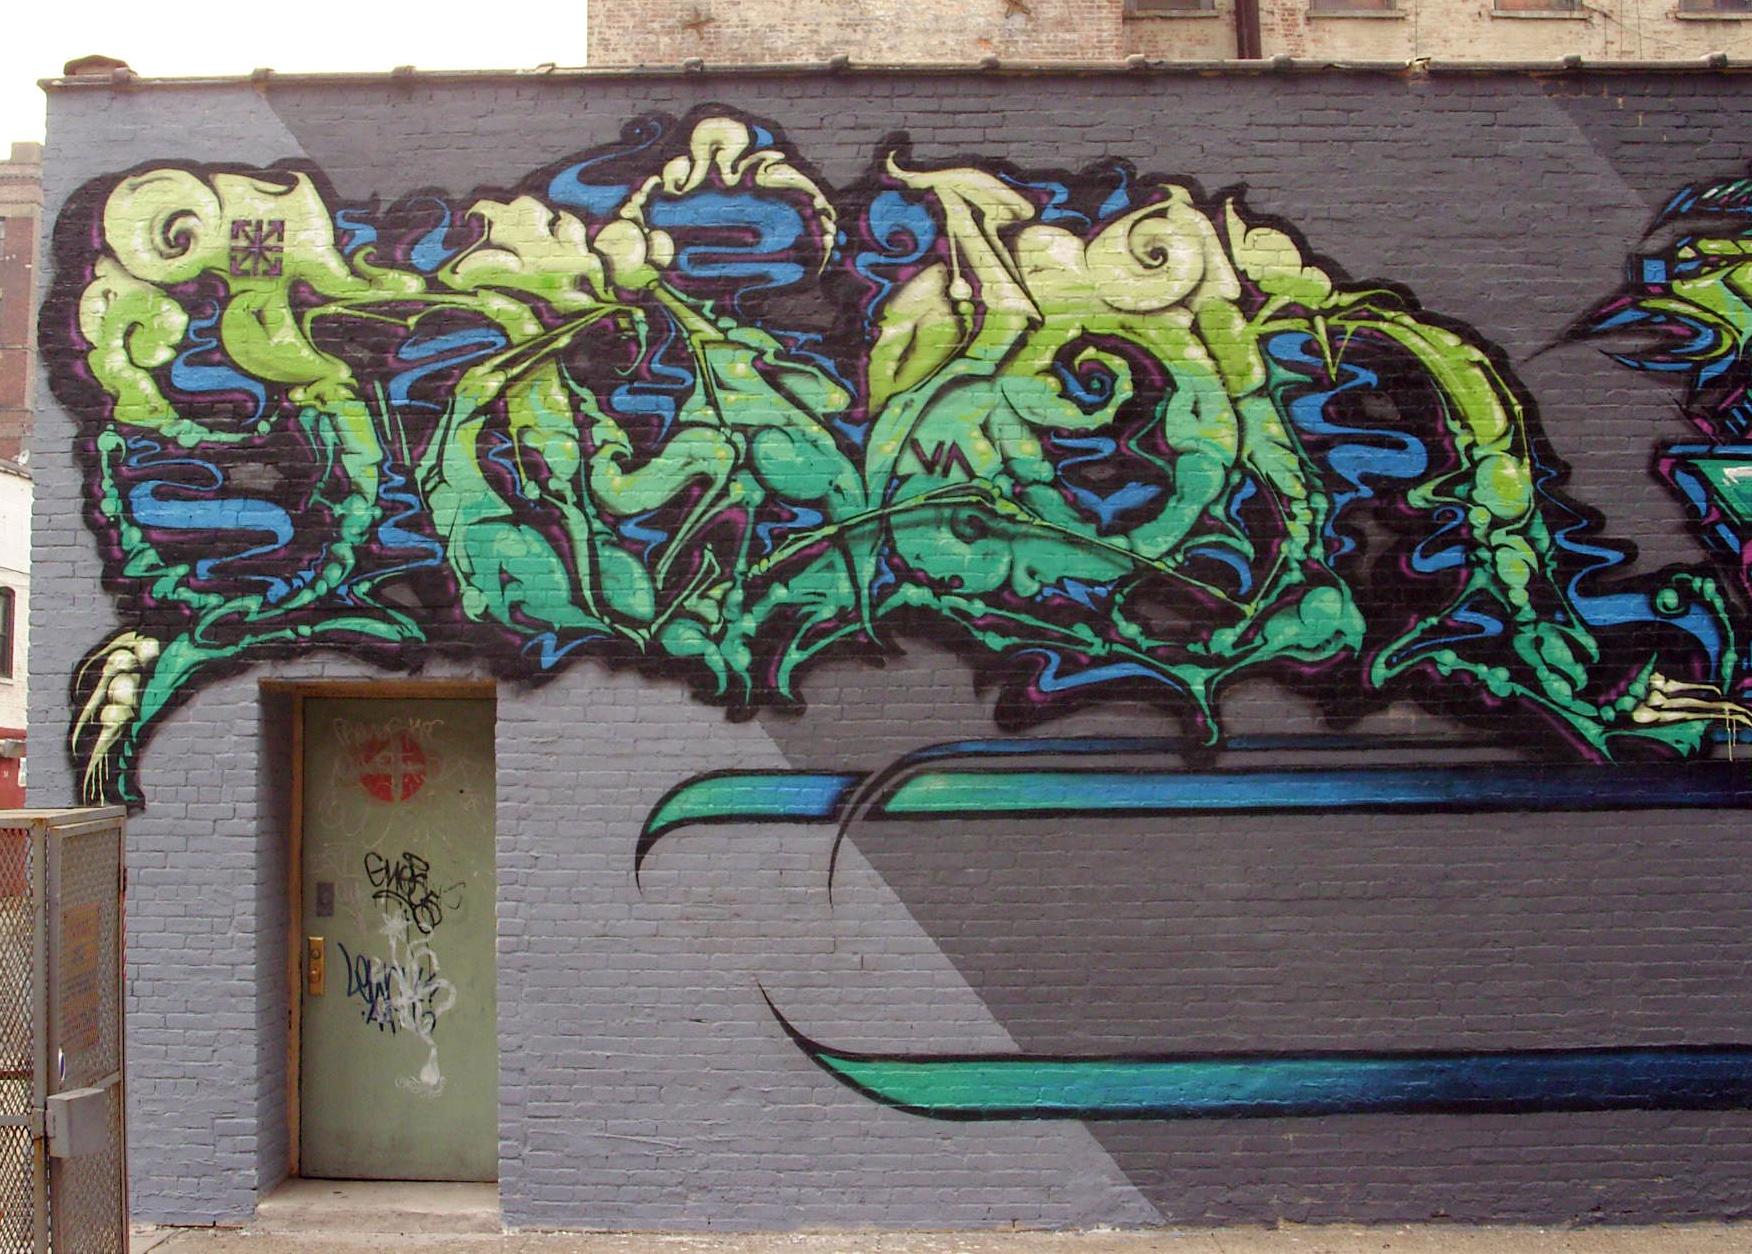 デスクトップ壁紙 緑 サーベル 落書き ストリートアート 壁画